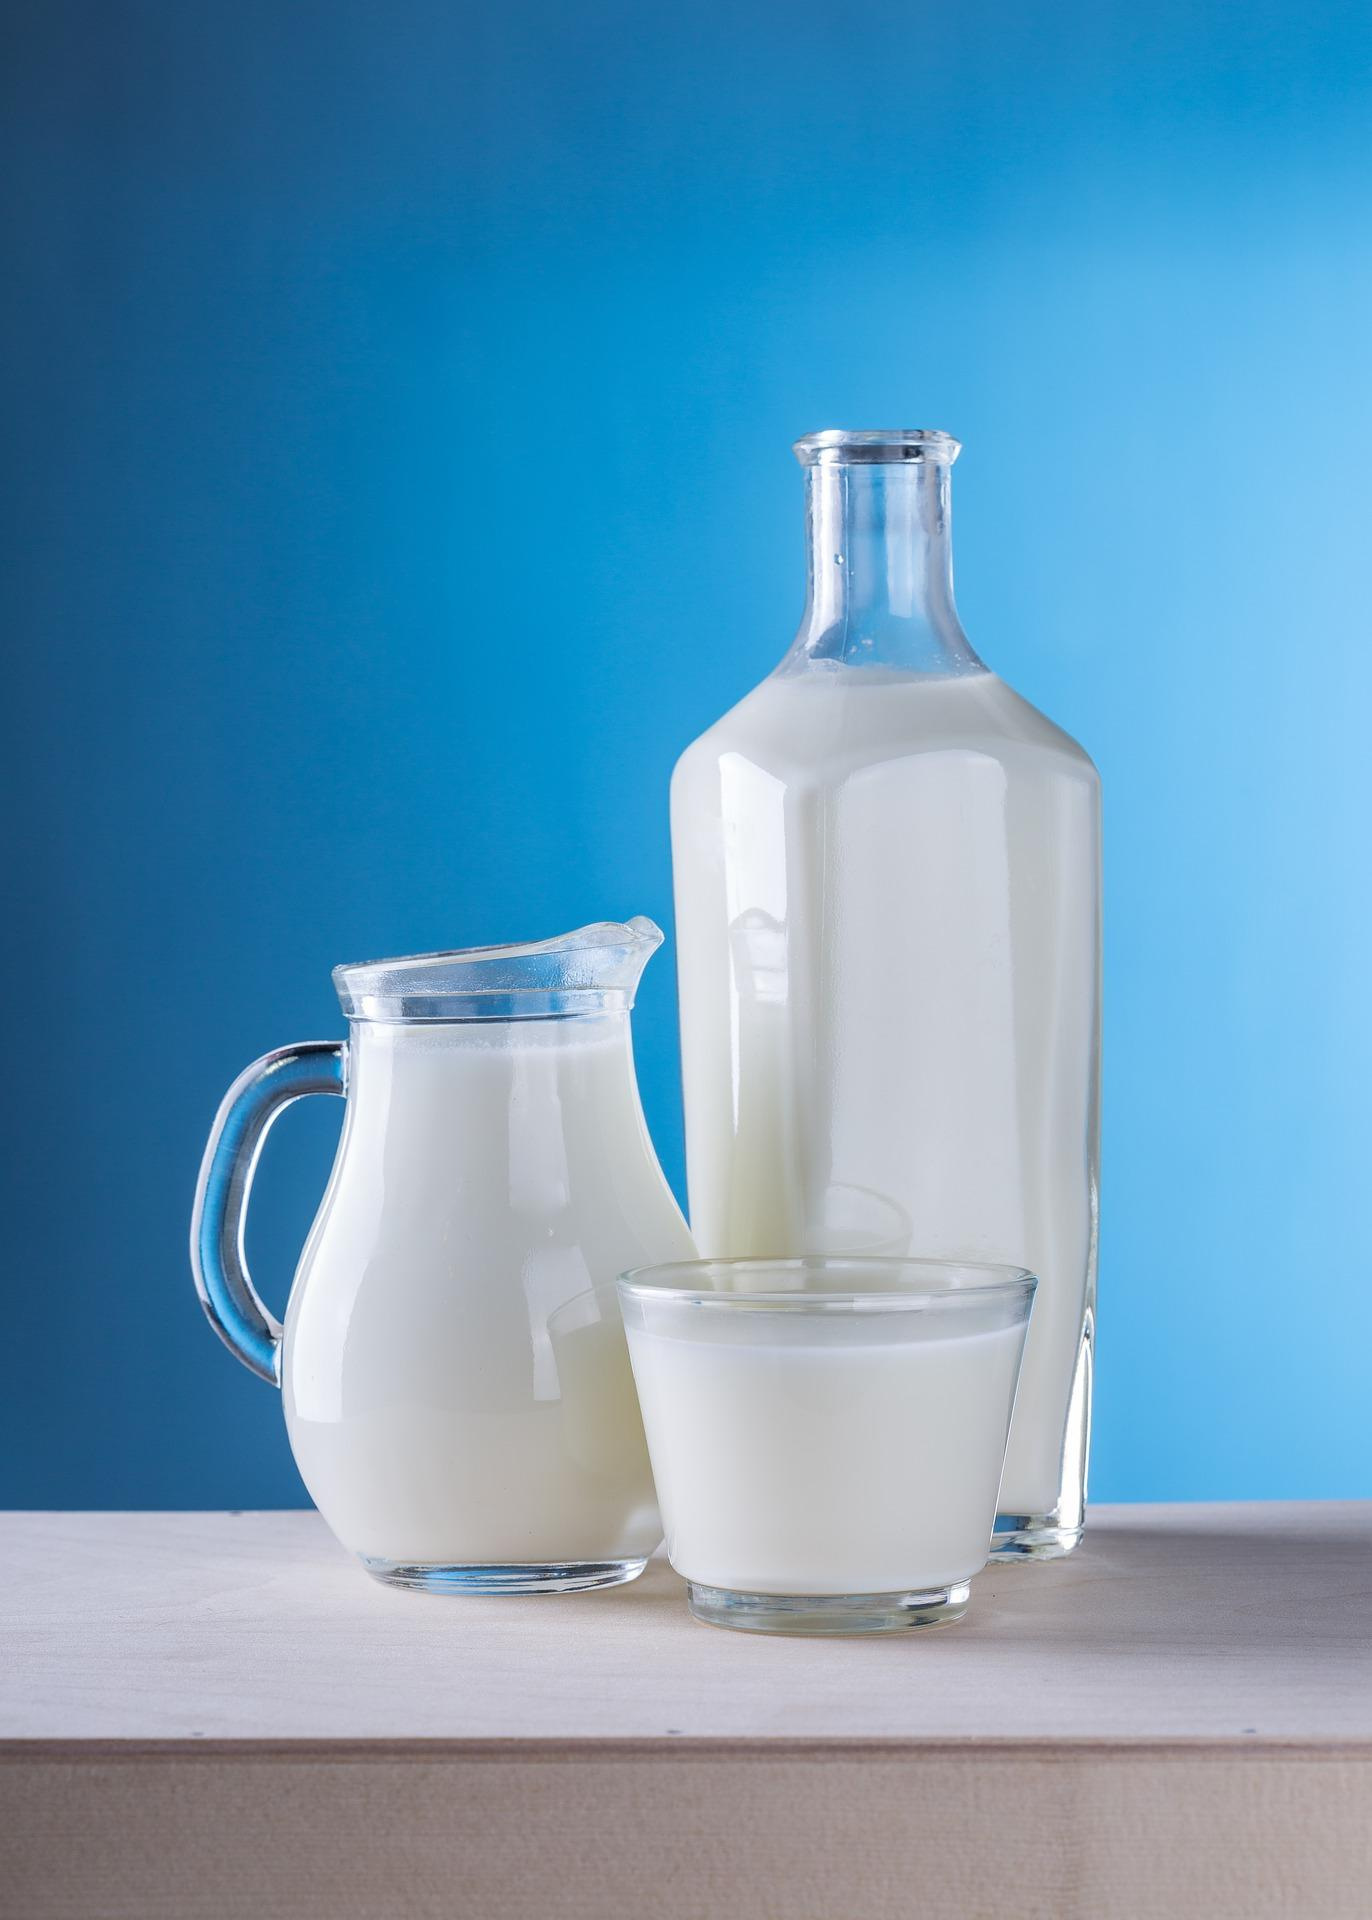 Varias jarras con leche